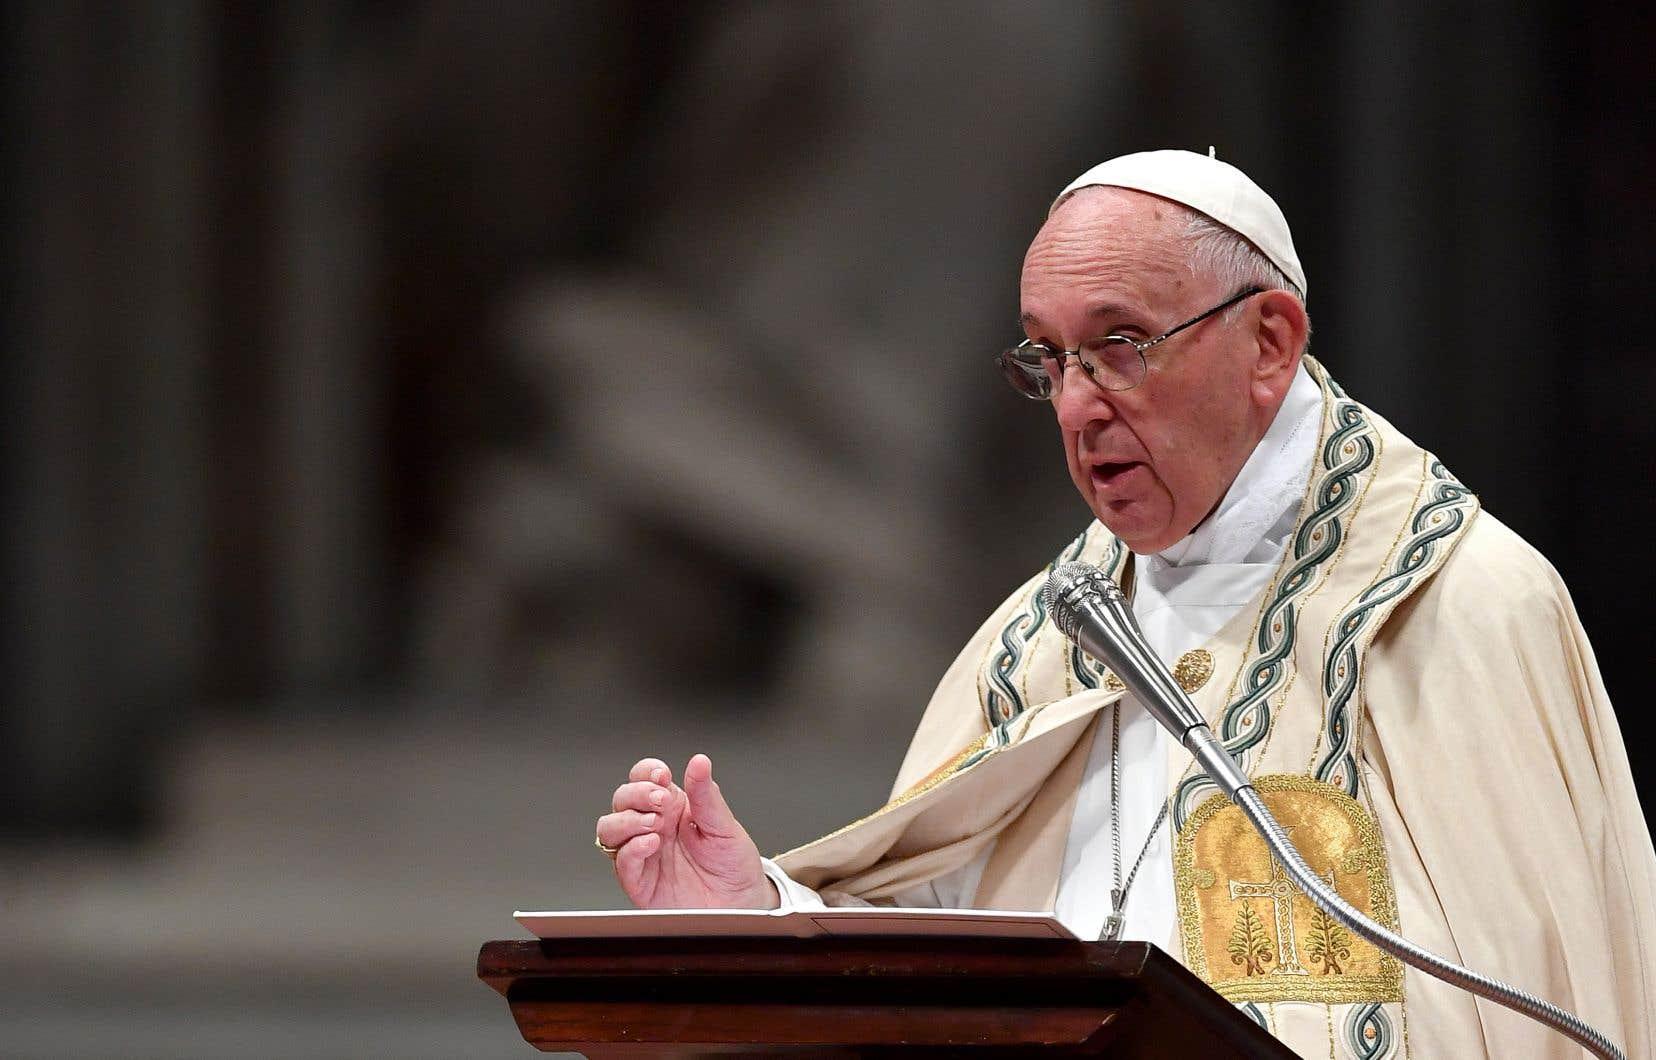 Le pape Françoissouhaite désormais que l'Église s'engage «de façon déterminée» à abolir la peine de mort partout dans le monde.